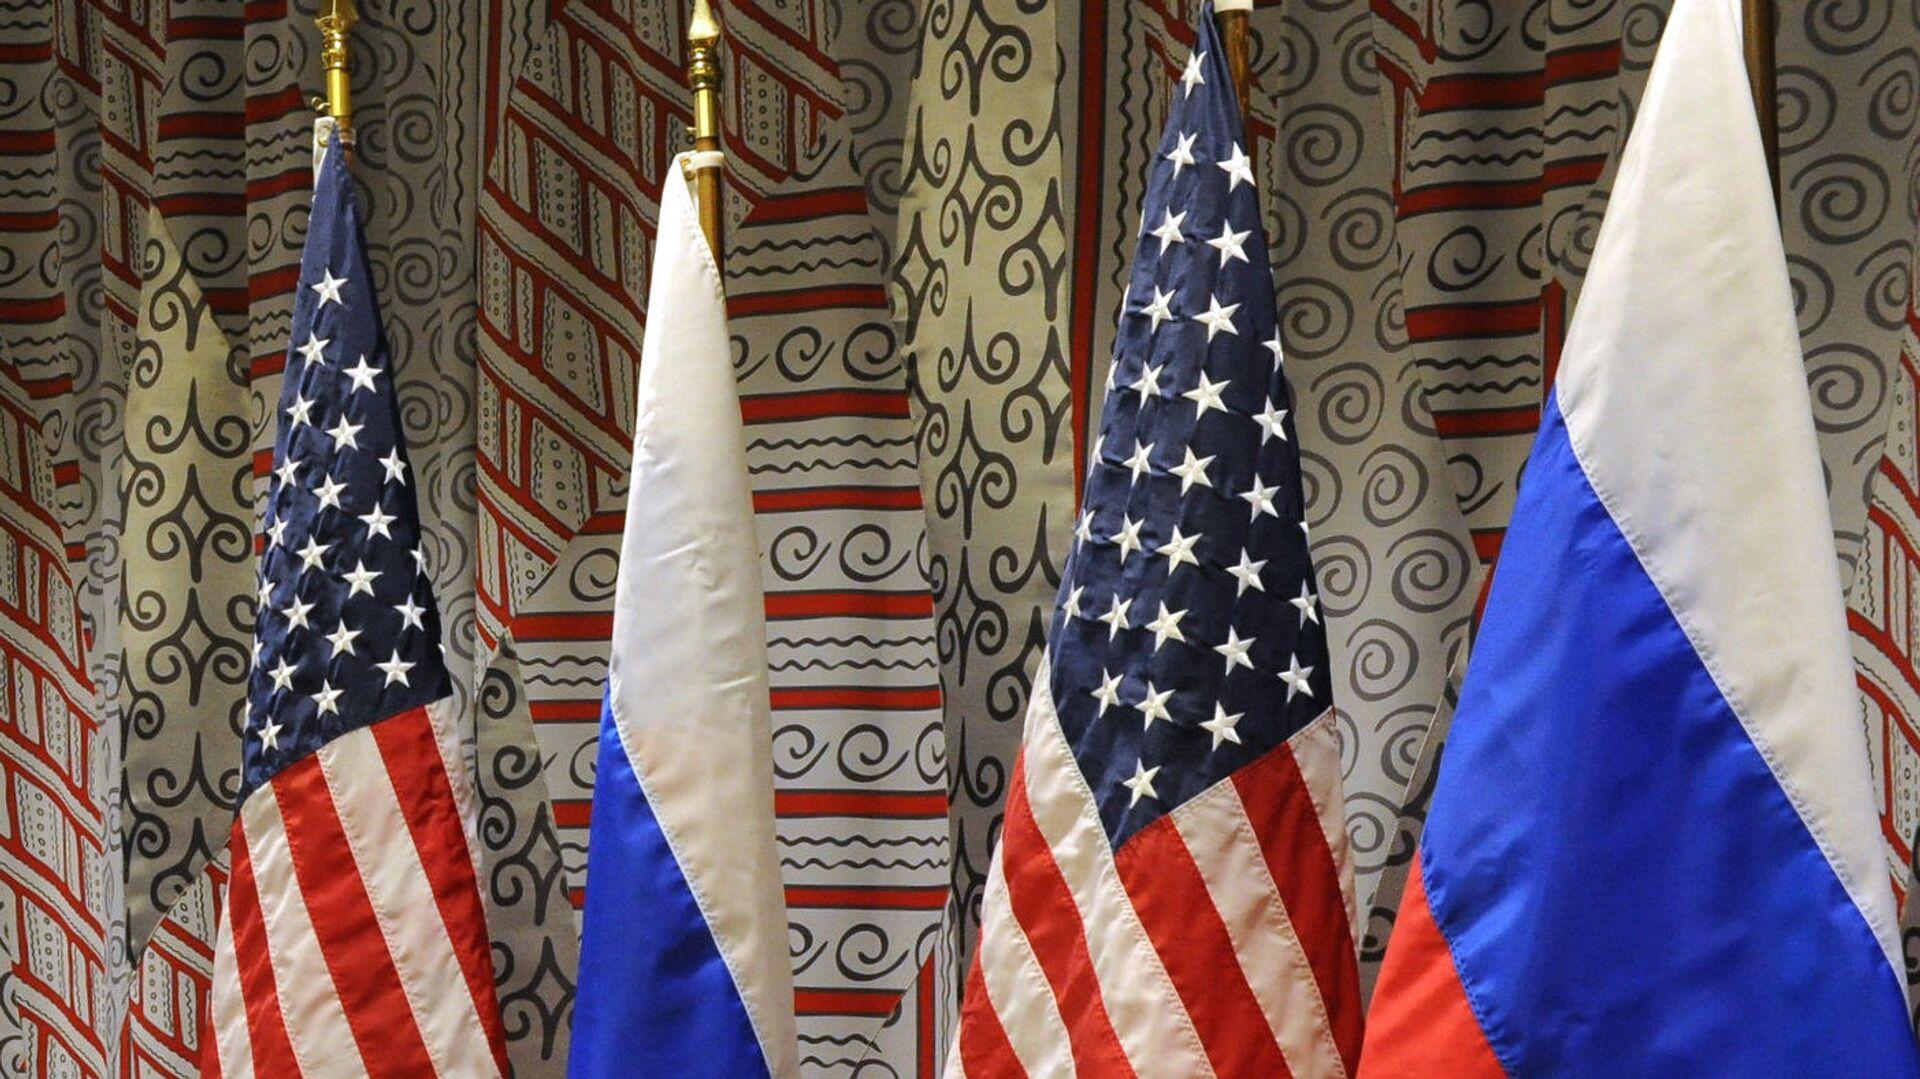 Vlajky Ruska a USA. Ilustrační foto - Sputnik Česká republika, 1920, 25.04.2021